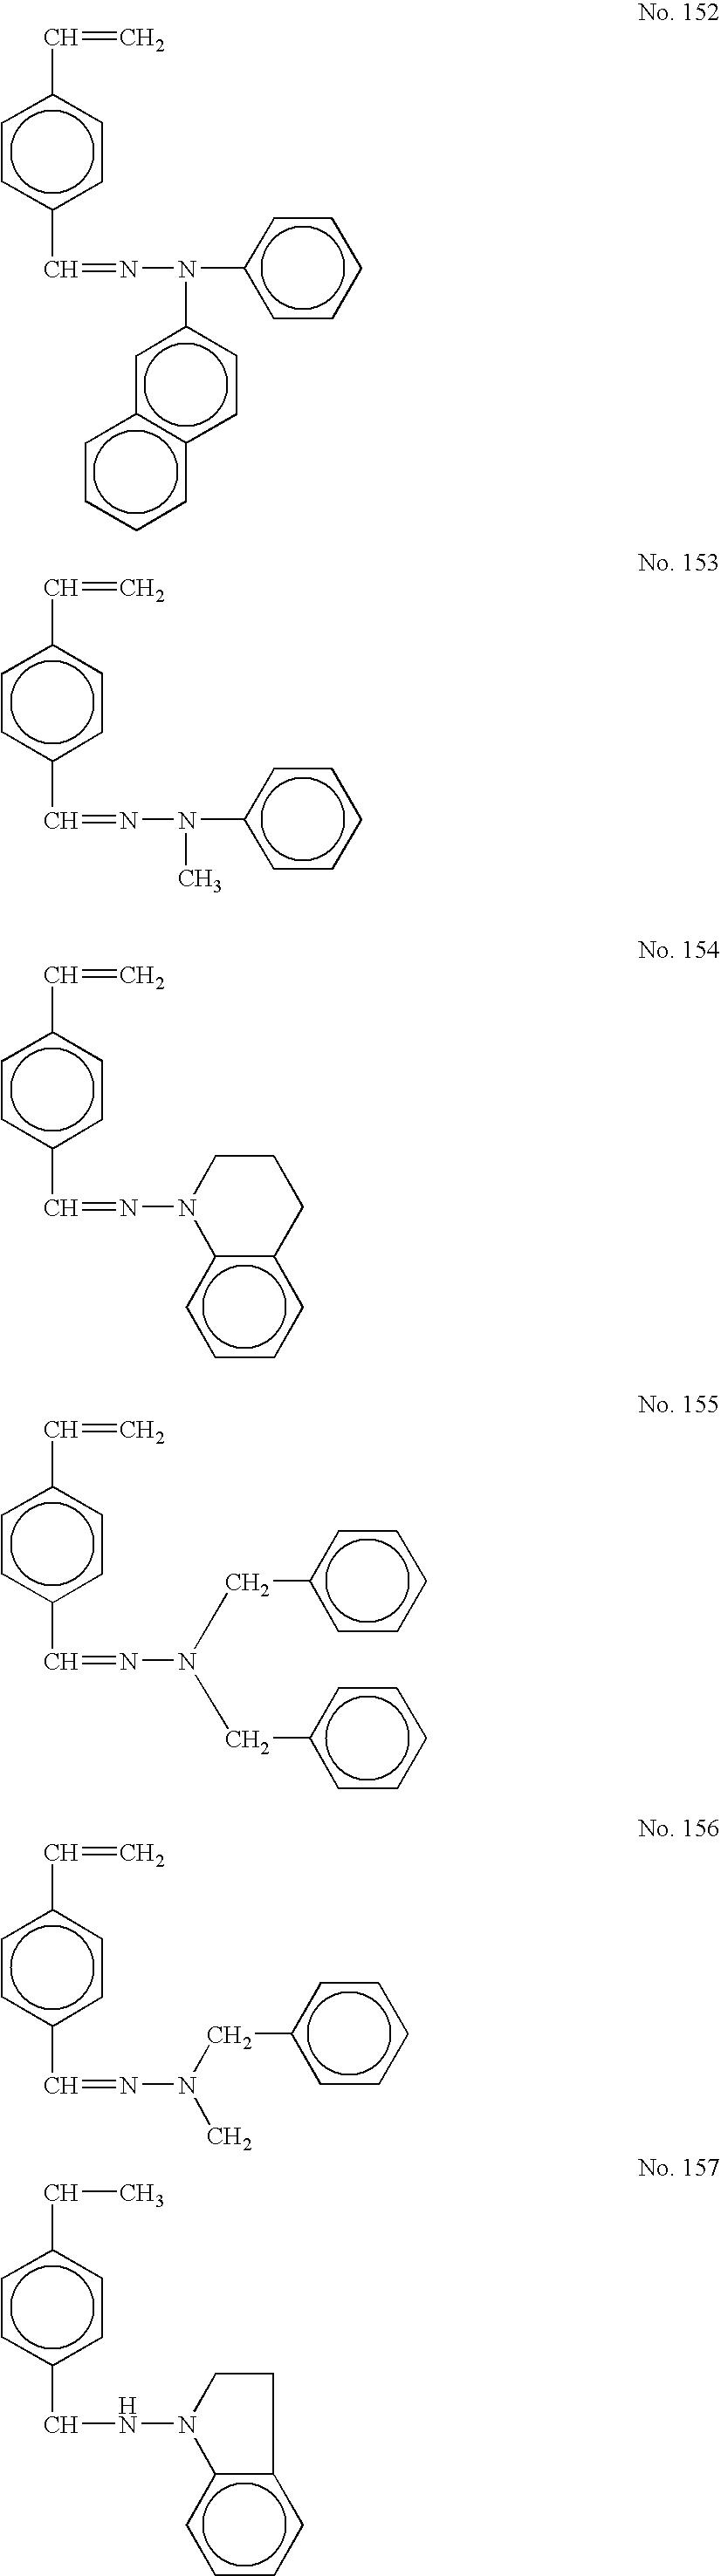 Figure US20050175911A1-20050811-C00053